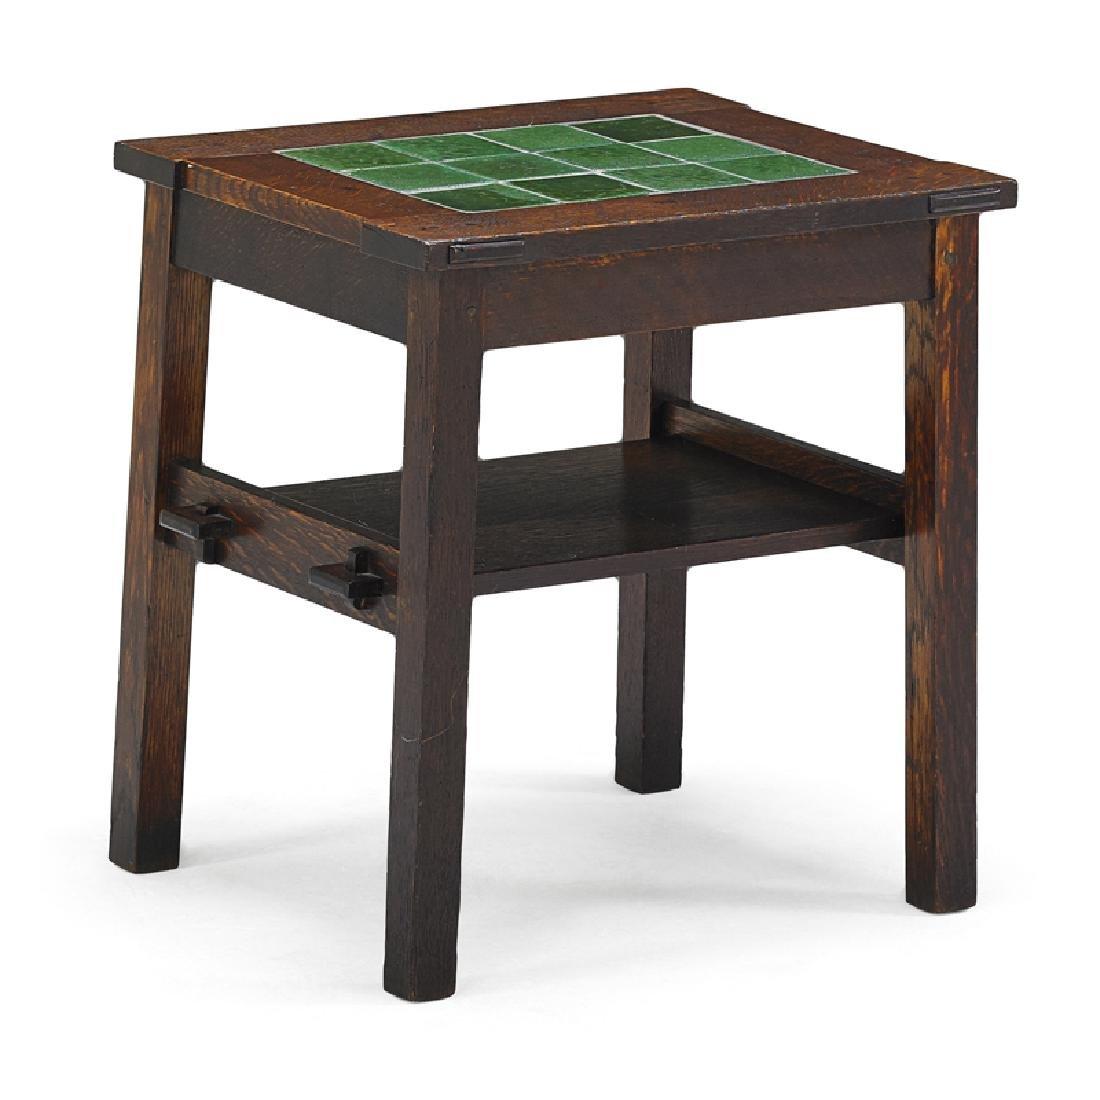 GUSTAV STICKLEY; GRUEBY Twelve-tile table